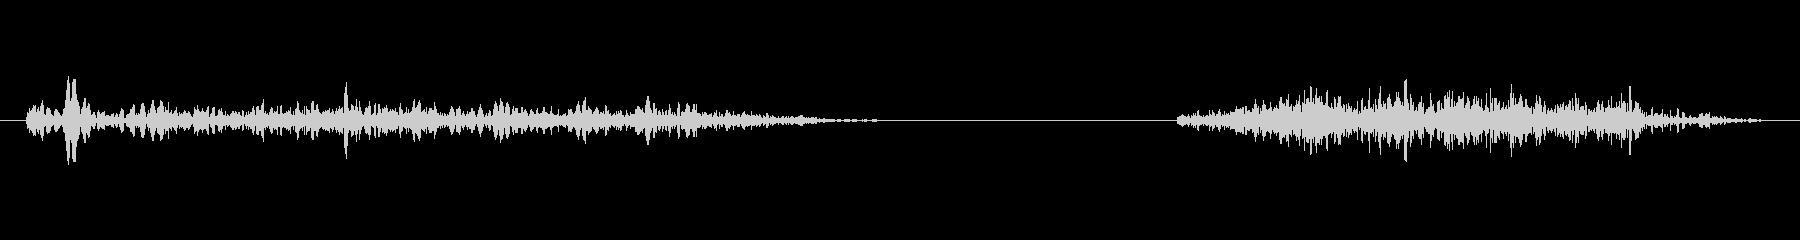 アンティークの木製ウィンドウ:開い...の未再生の波形